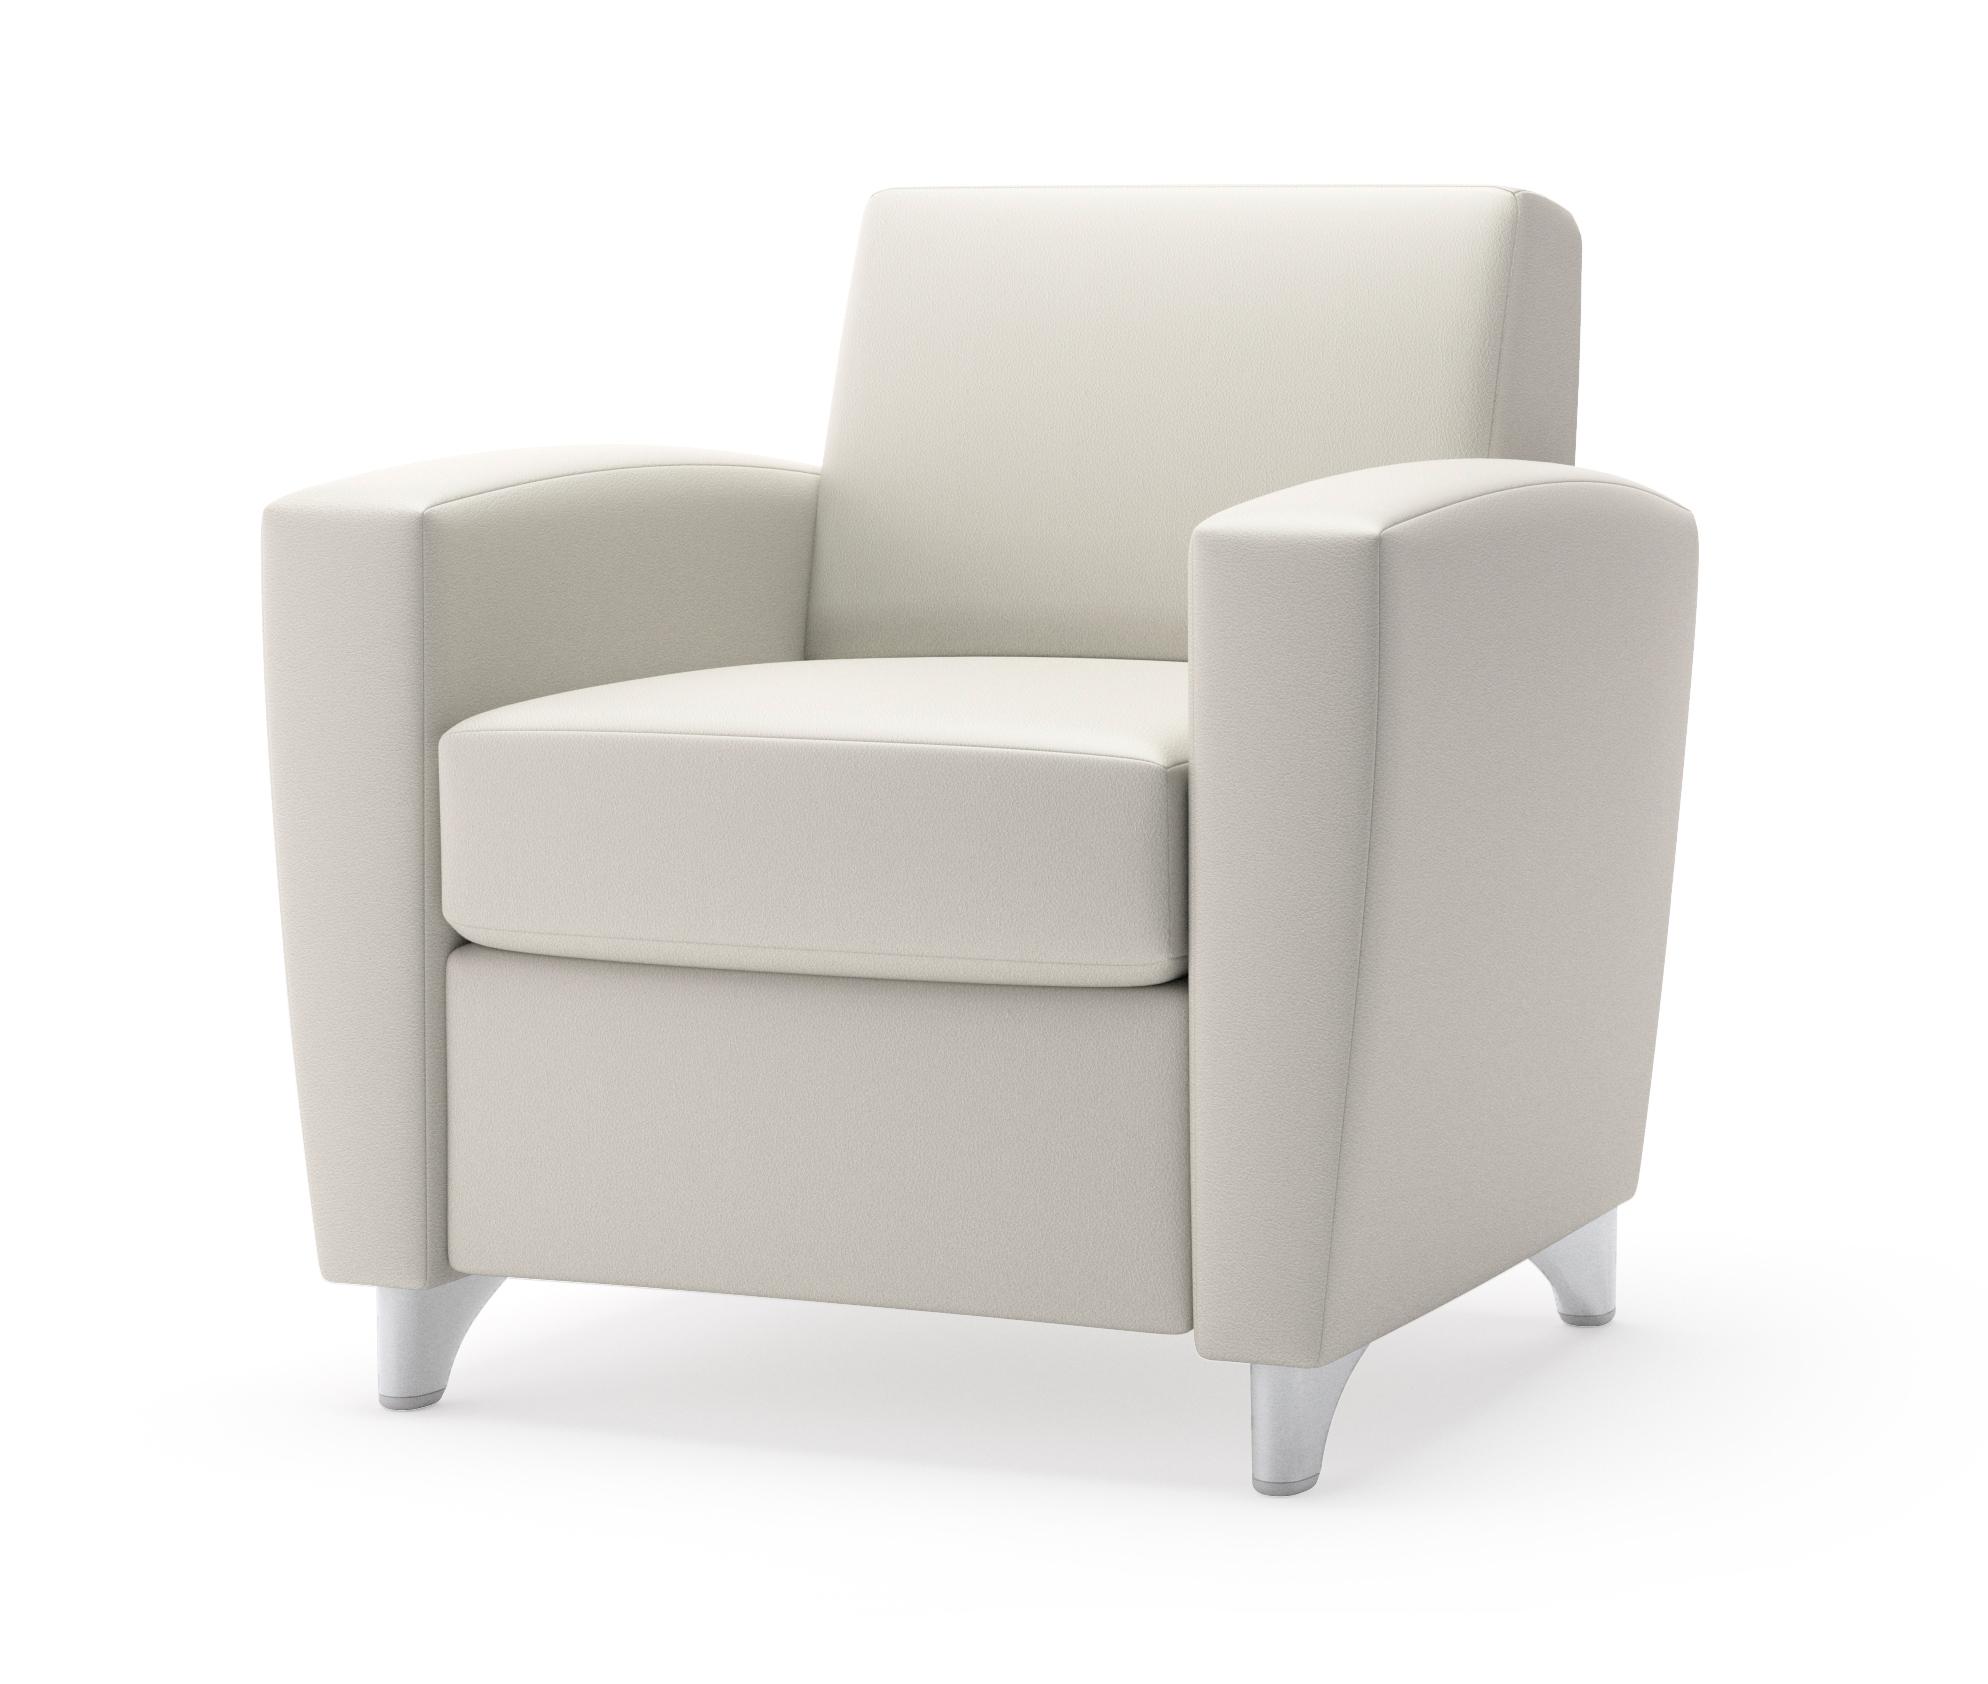 brushed aluminum chairs vintage bamboo elegant rtty1